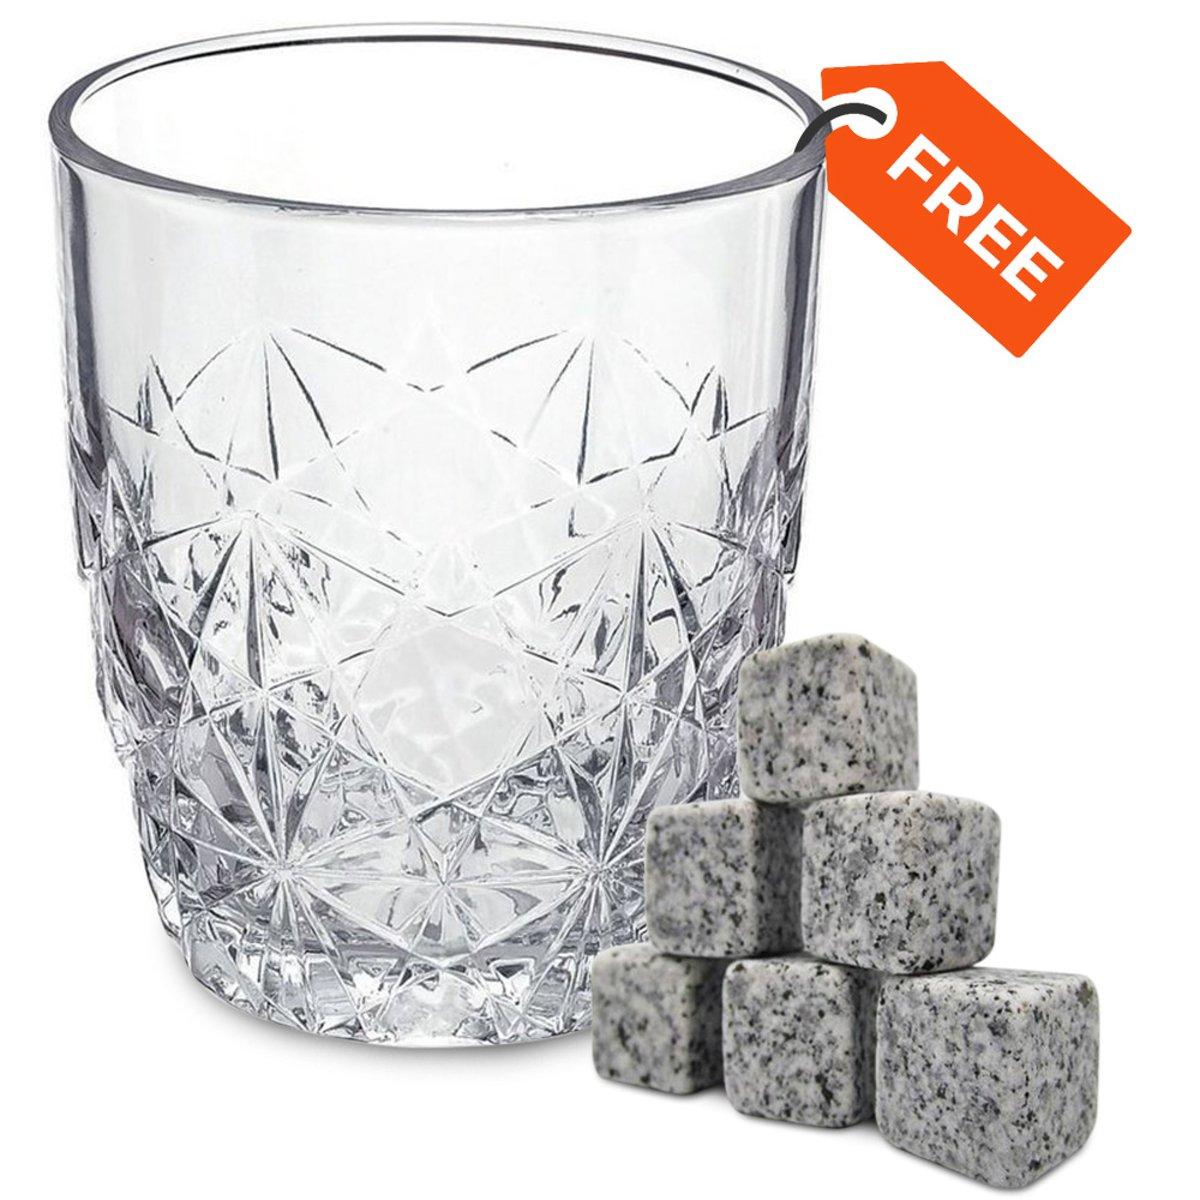 Whisky stones 9 stuks met een Luxe Whisky Glas - ijsblokken van natuursteen - Drinkglas - Whisky - Gif set - Cadeau kopen